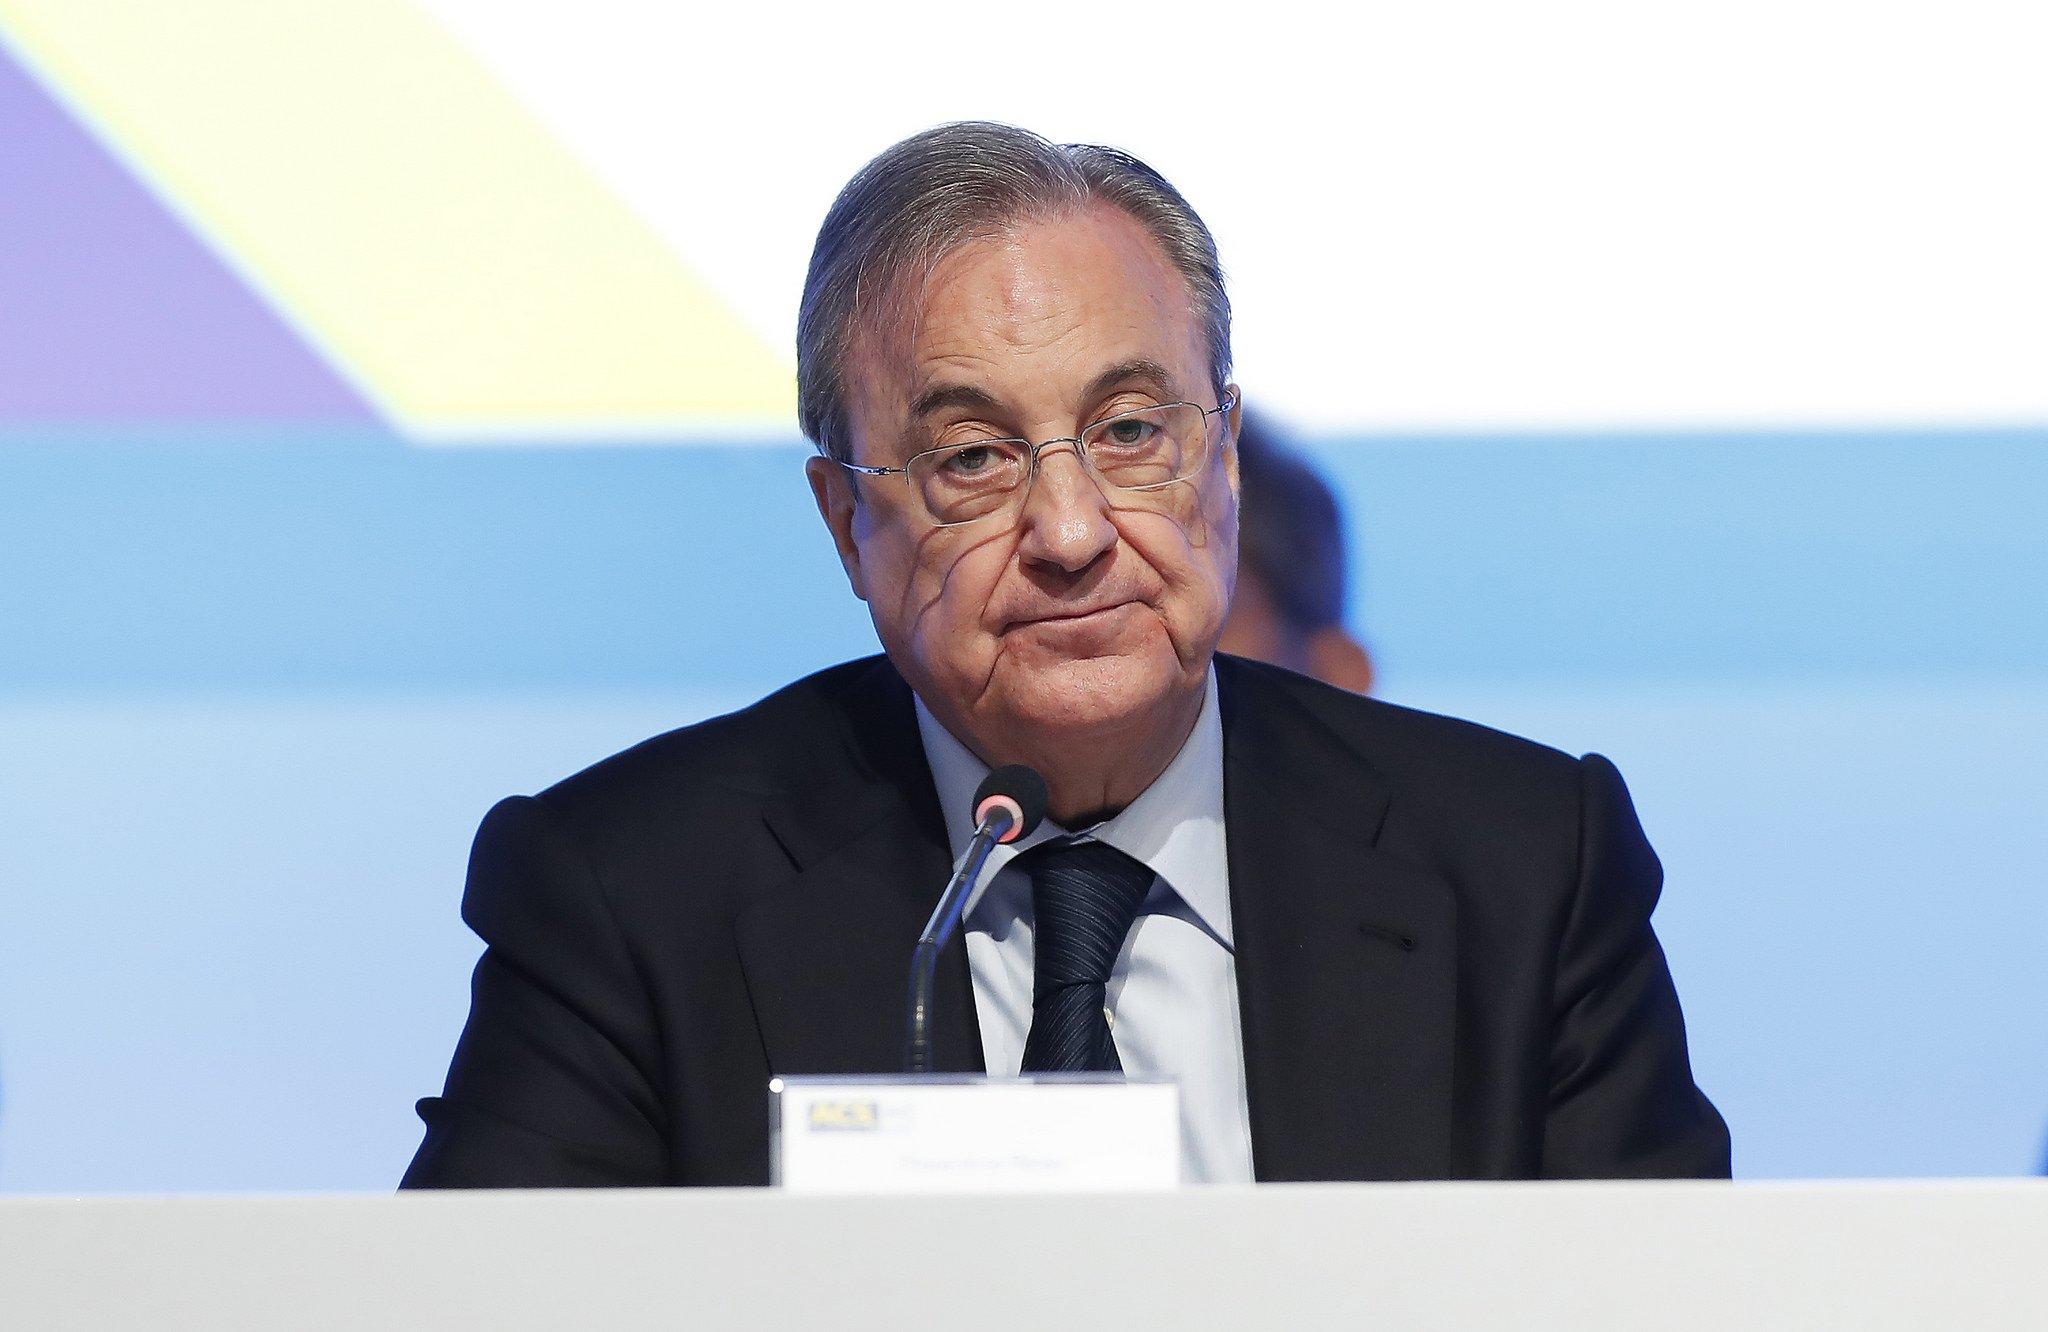 Florentino Pérez echa mano de las renovables para contrarrestar la crisis de Hochtief durante 2019. ese año habrá más compras y ventaa, no lo duden.